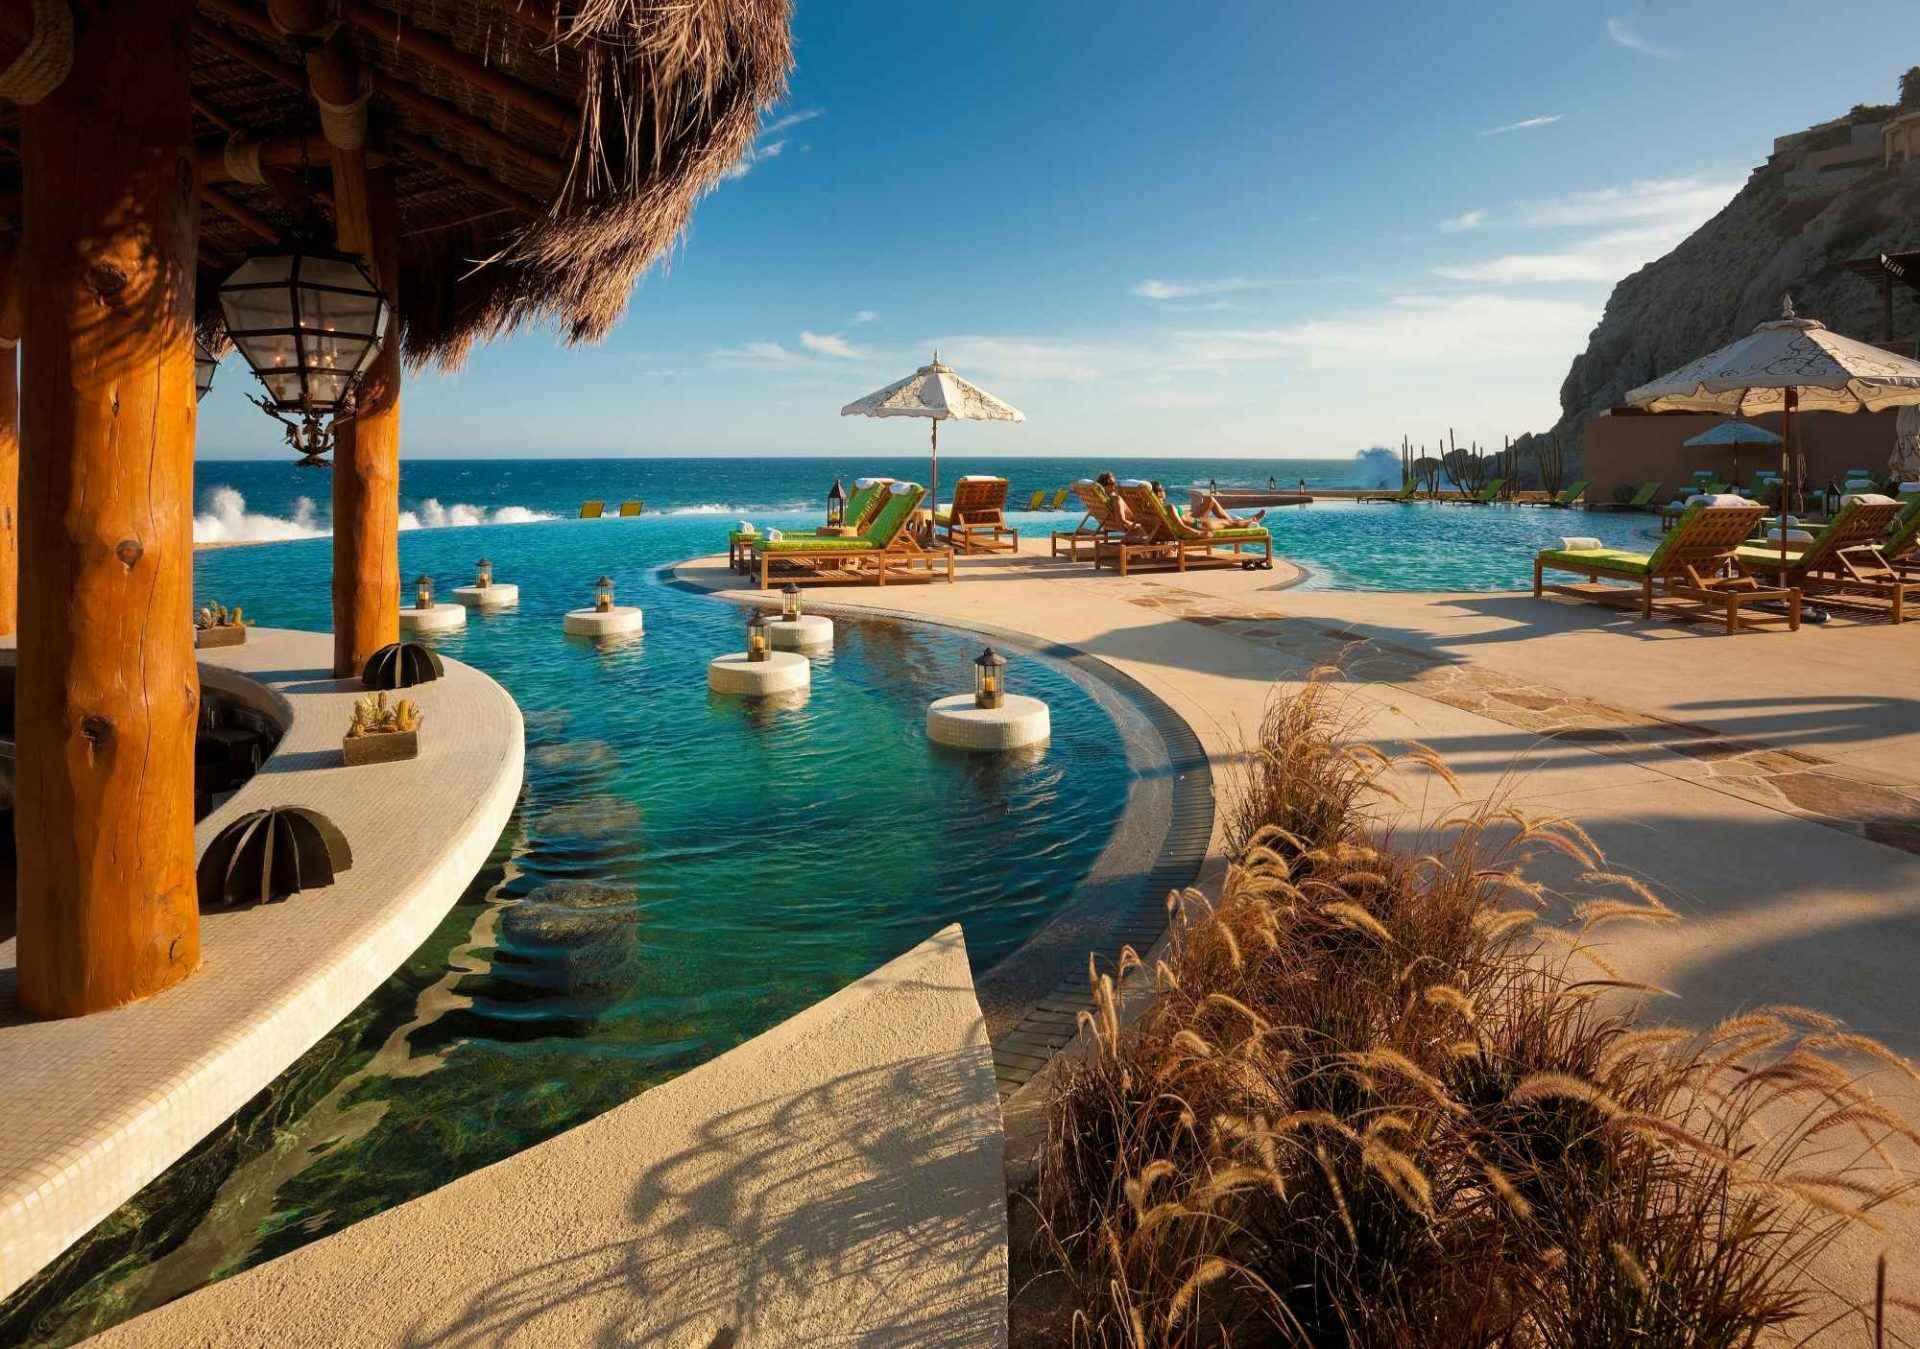 The Resort at Pedregal Luxury Cabo San Lucas Resort